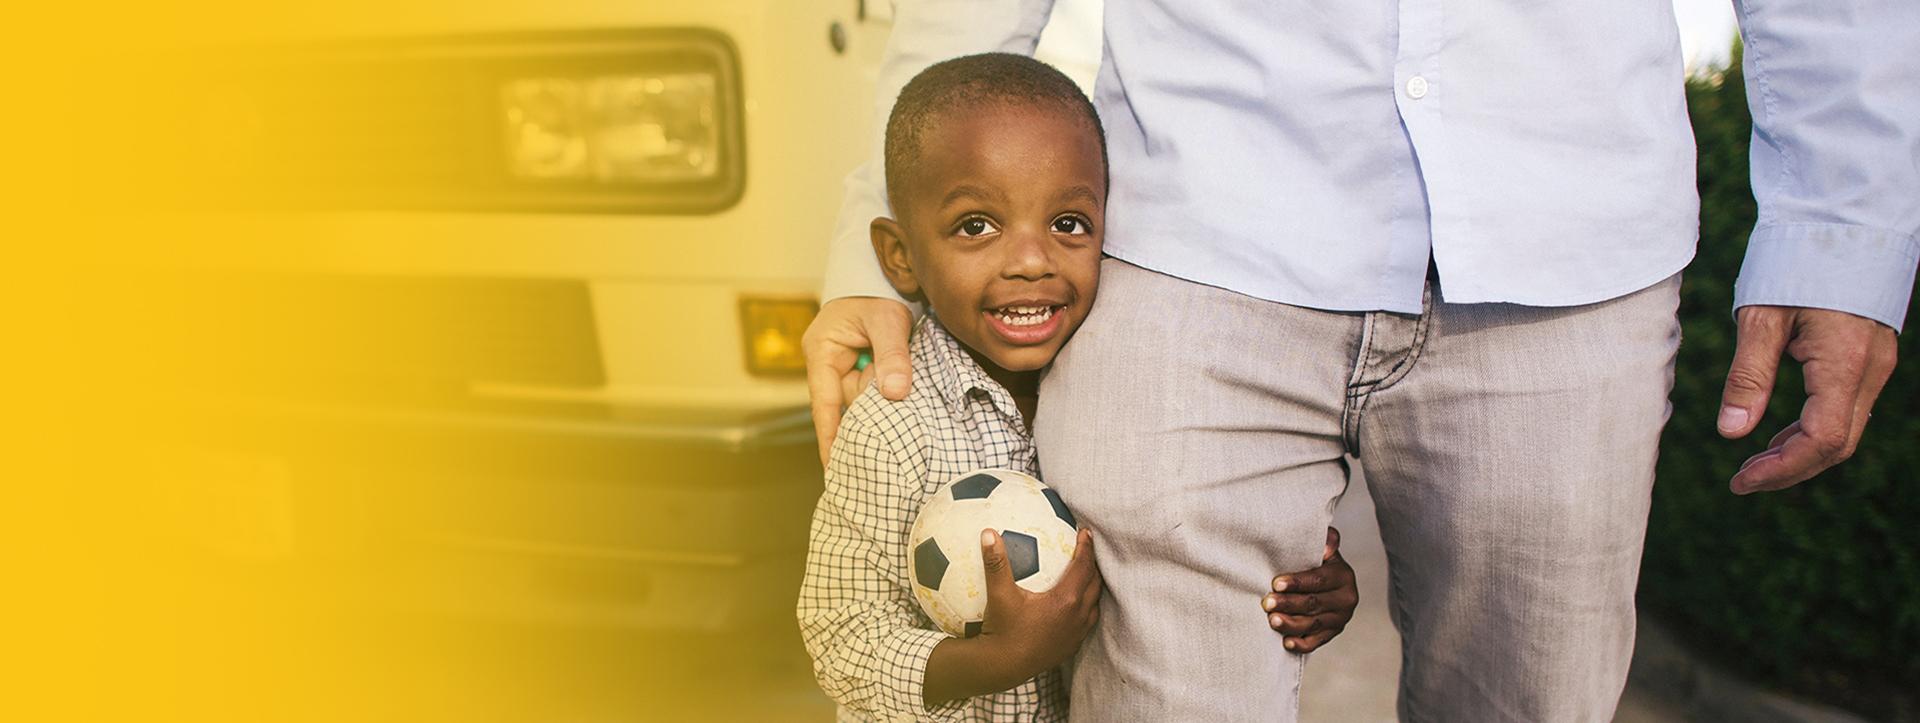 Child Soccer Ball Kids donate